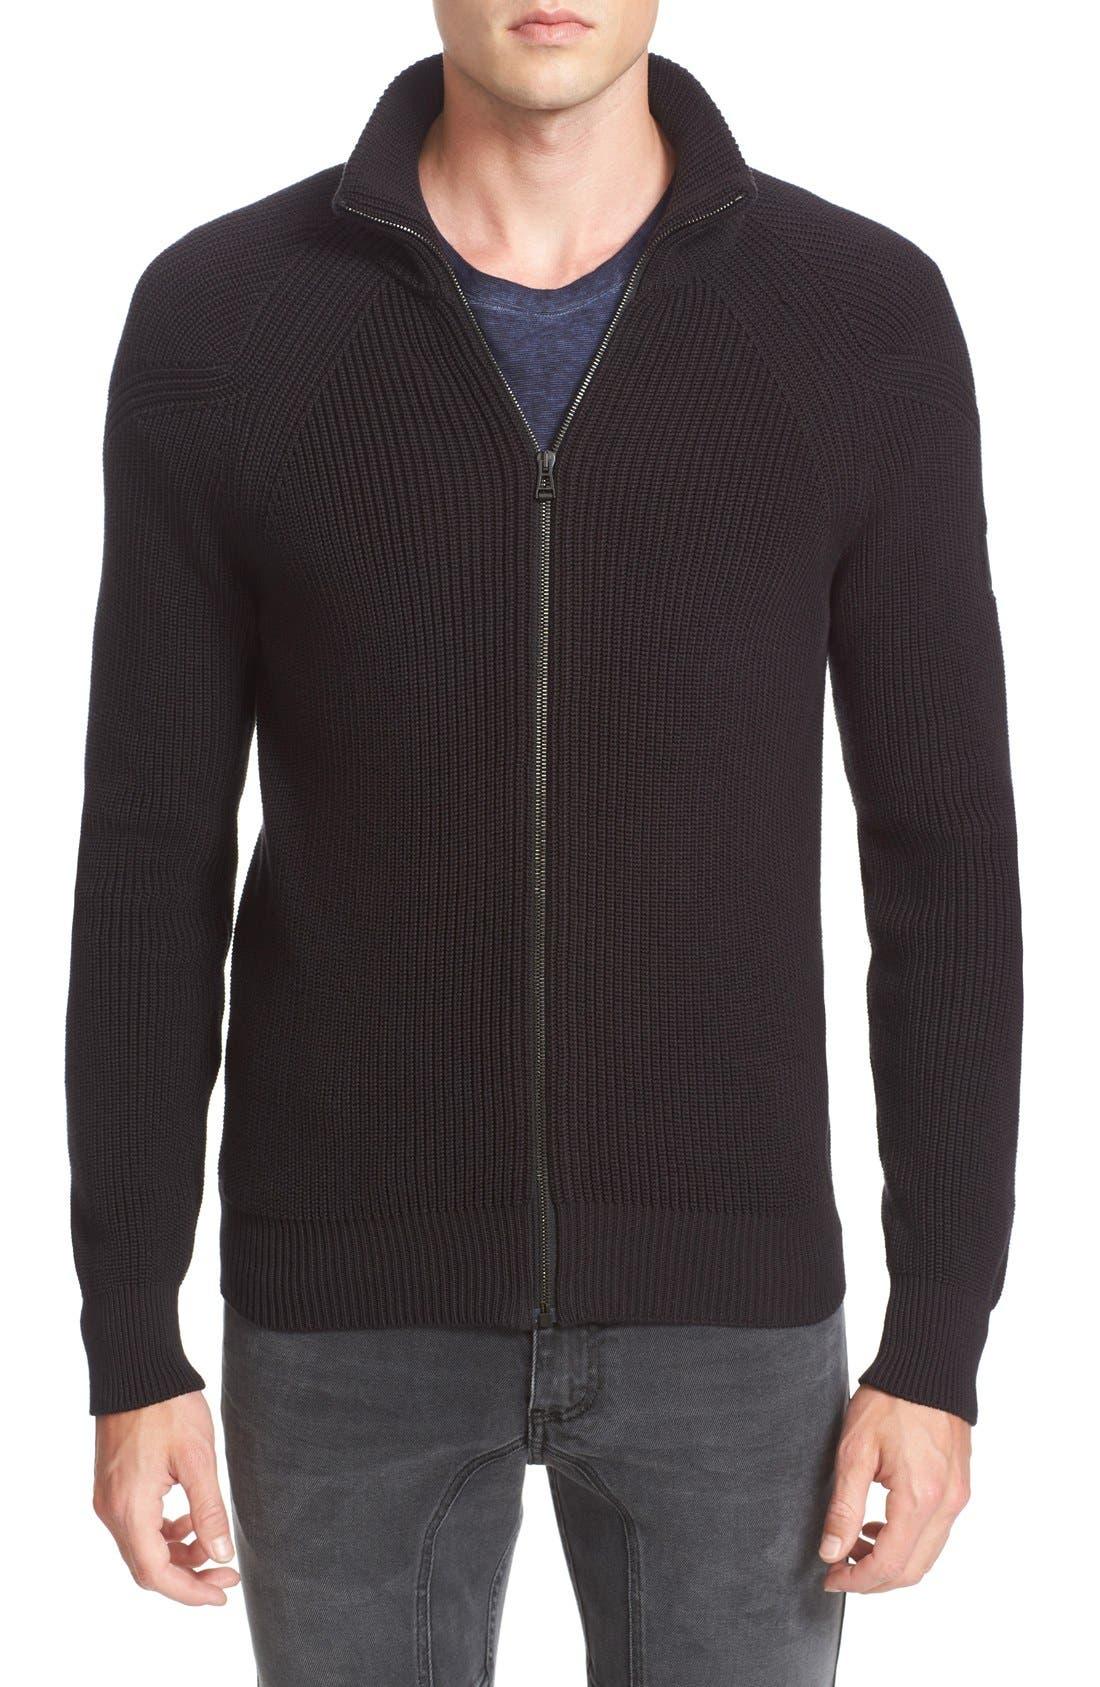 Parkgate Zip Front Mock Neck Sweater,                             Main thumbnail 1, color,                             001